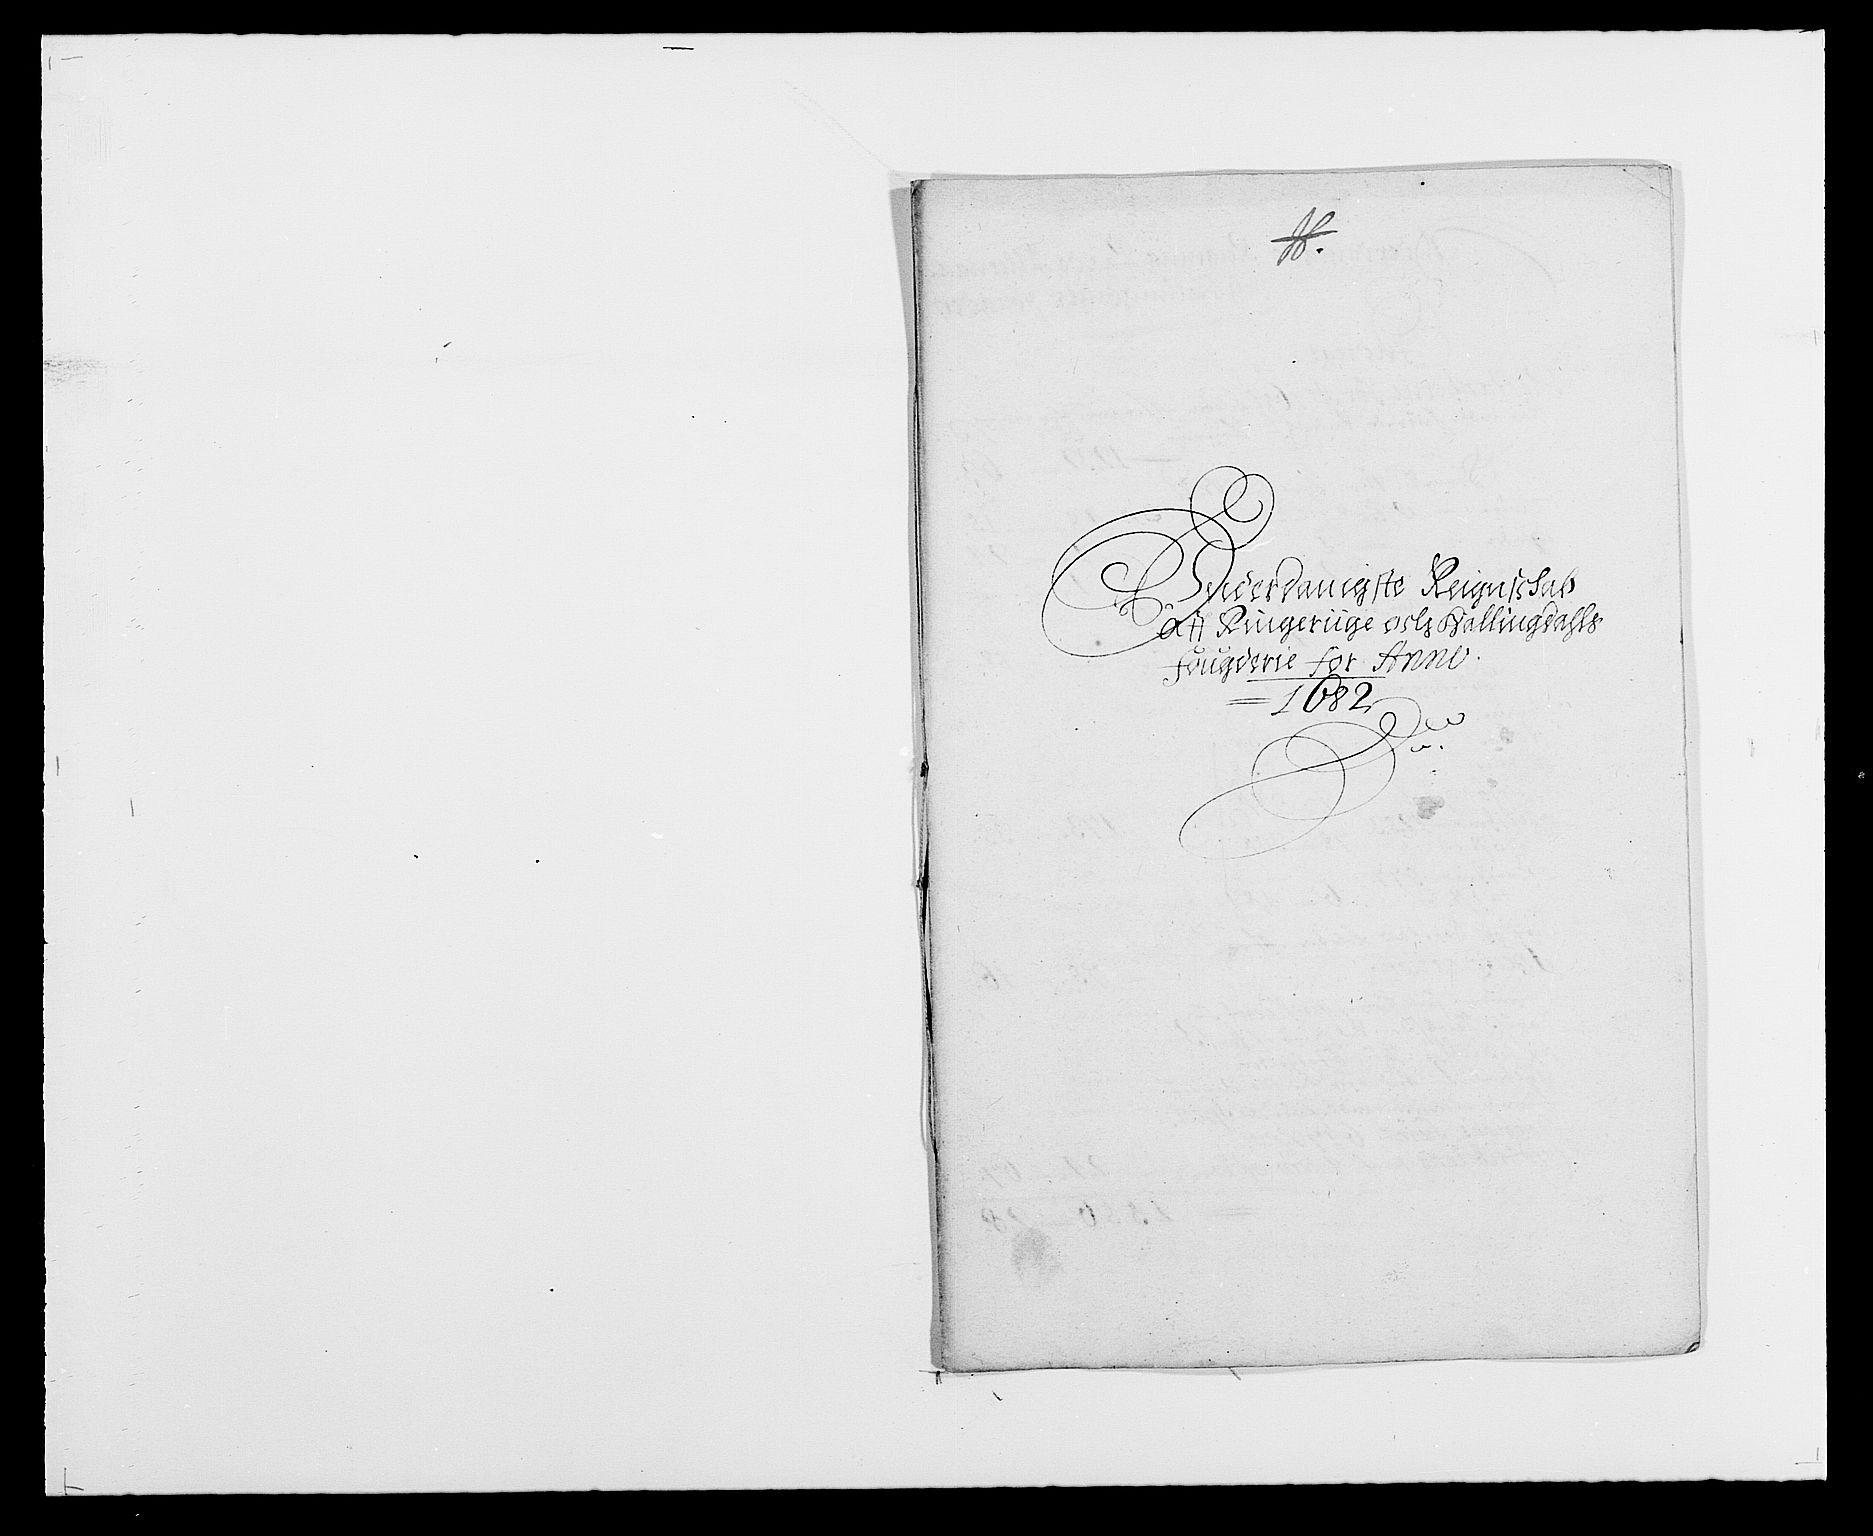 RA, Rentekammeret inntil 1814, Reviderte regnskaper, Fogderegnskap, R21/L1445: Fogderegnskap Ringerike og Hallingdal, 1681-1689, s. 222